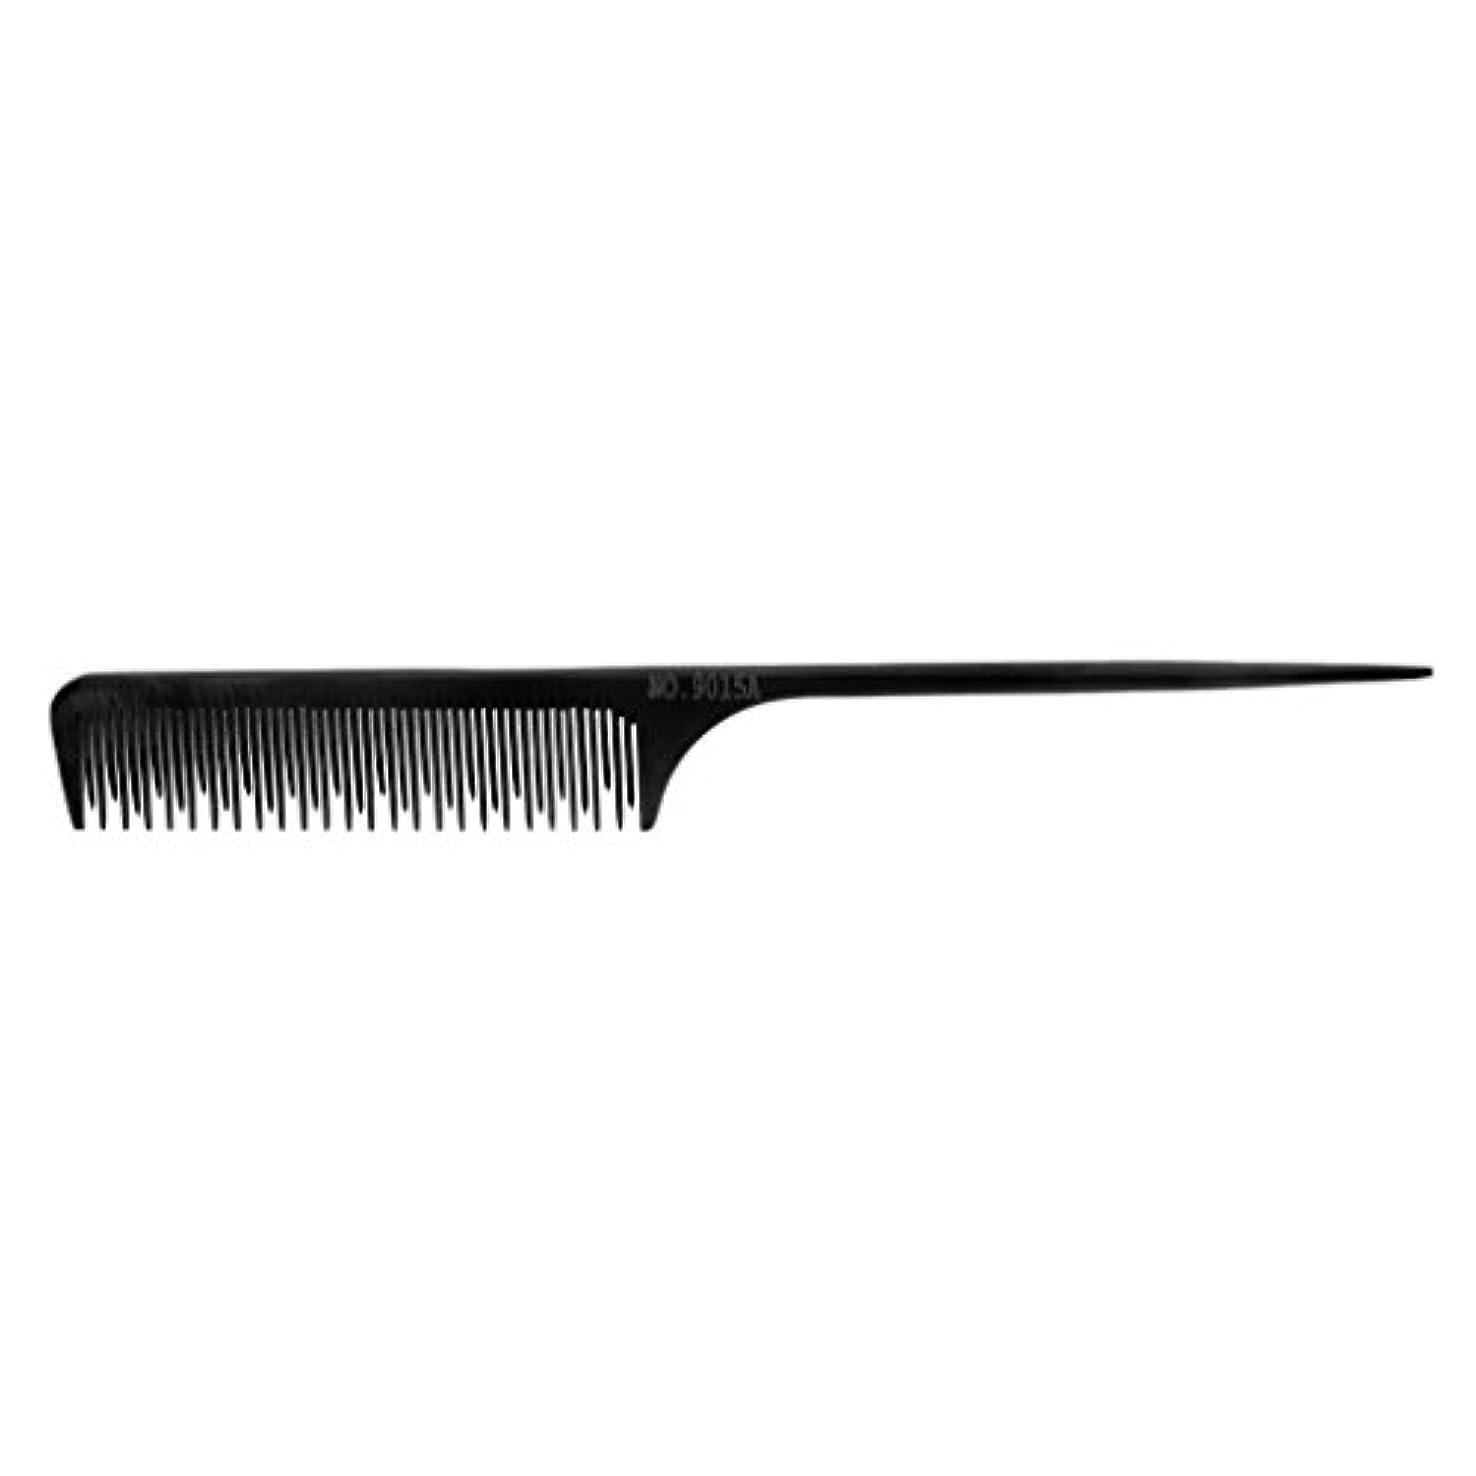 レンズなぜならアカウント1Pcの黒いプラスチック良い歯の理髪のヘアースタイルの大広間の帯電防止櫛